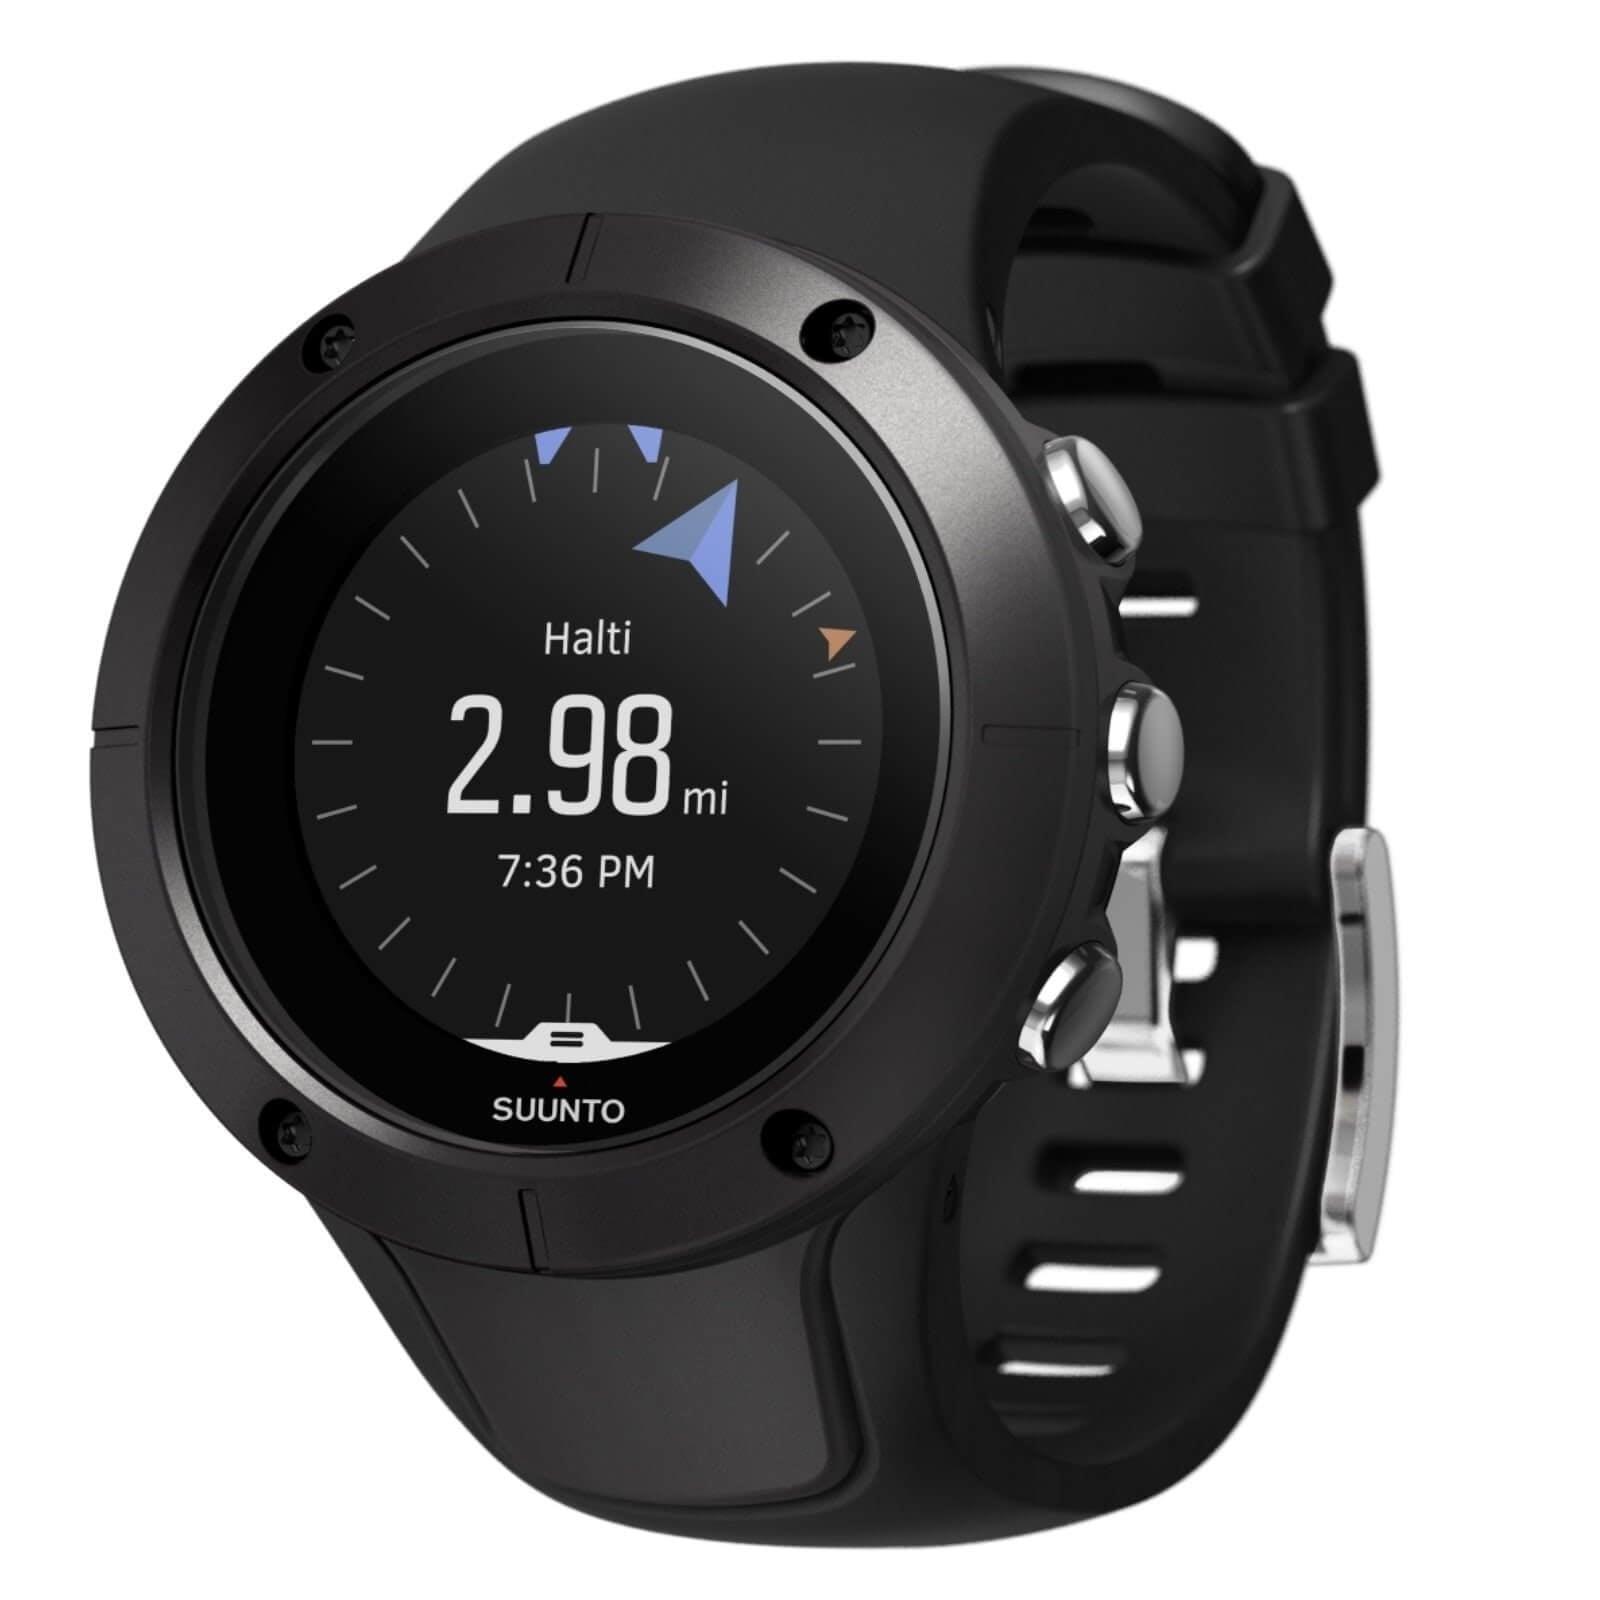 שעון סונטו עם דופק מהיד Suunto Trainer - Black